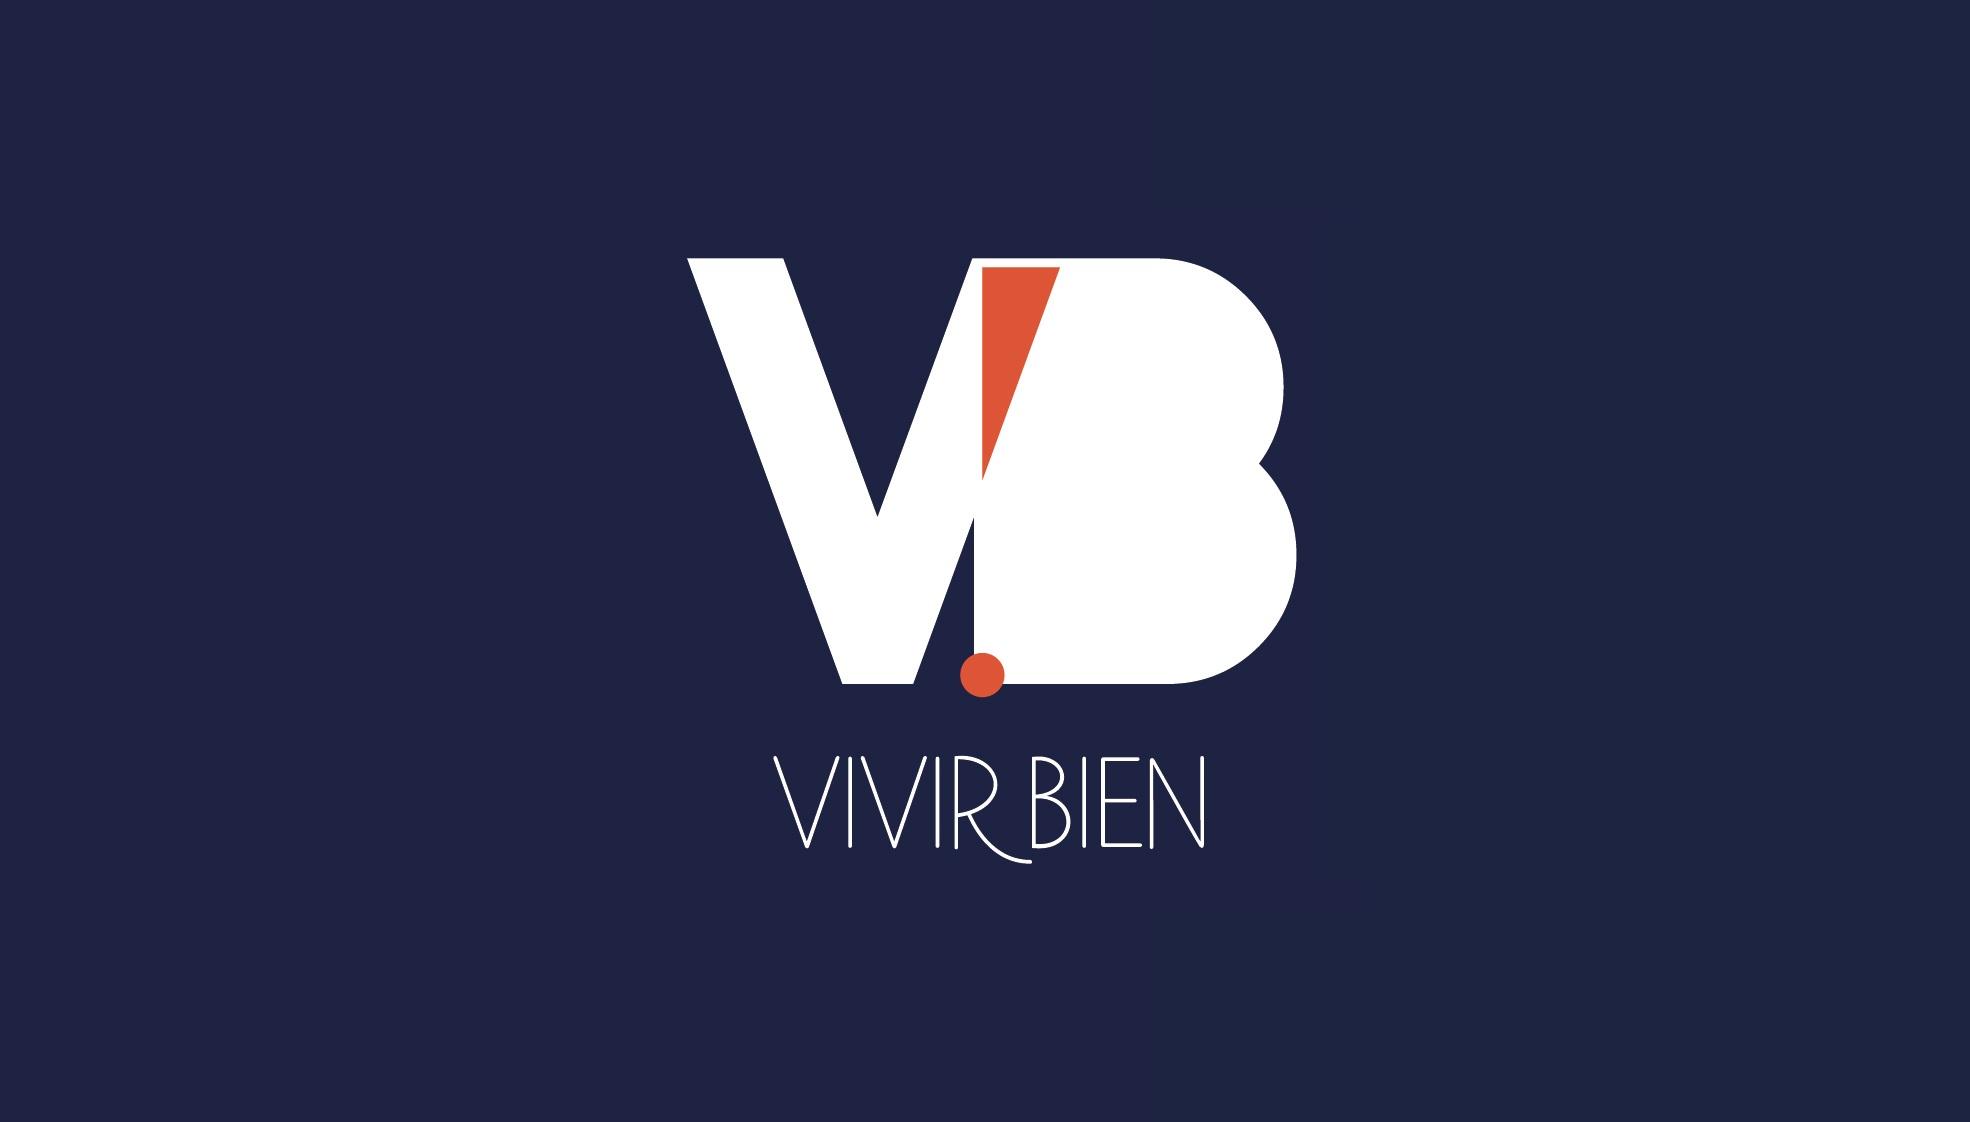 VivirBienLat